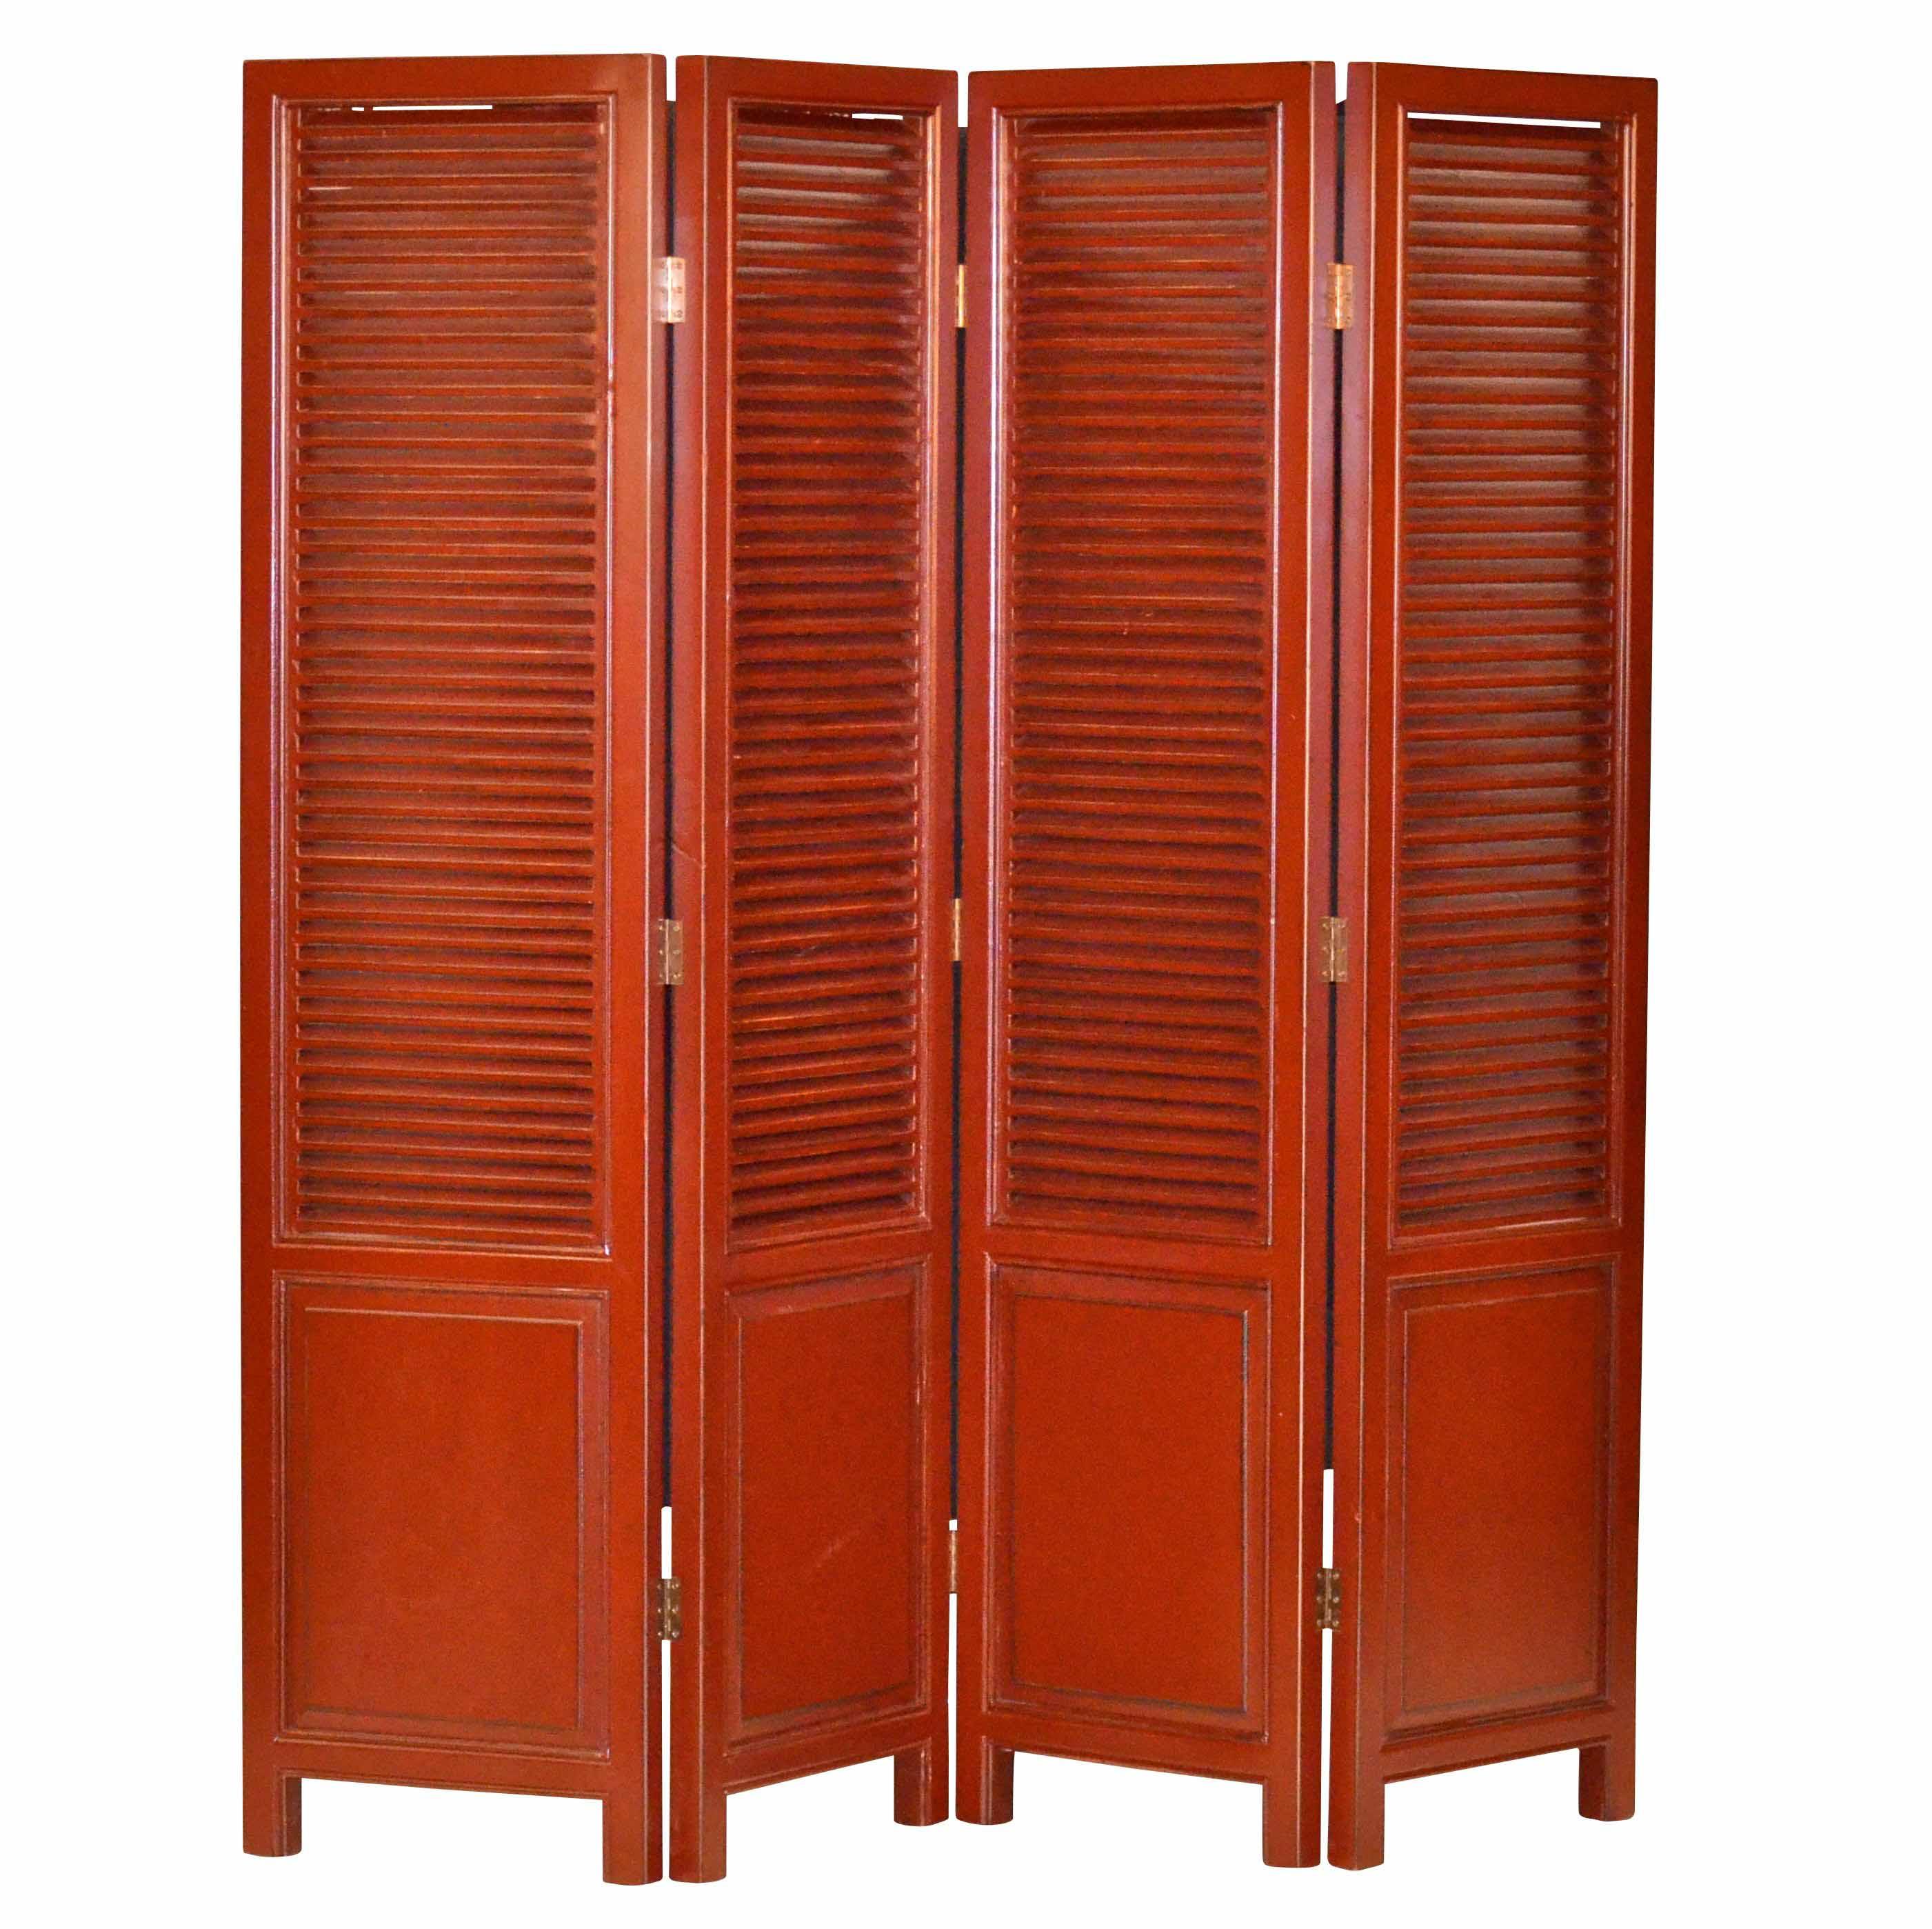 raumteiler in rot asiatika von kai. Black Bedroom Furniture Sets. Home Design Ideas